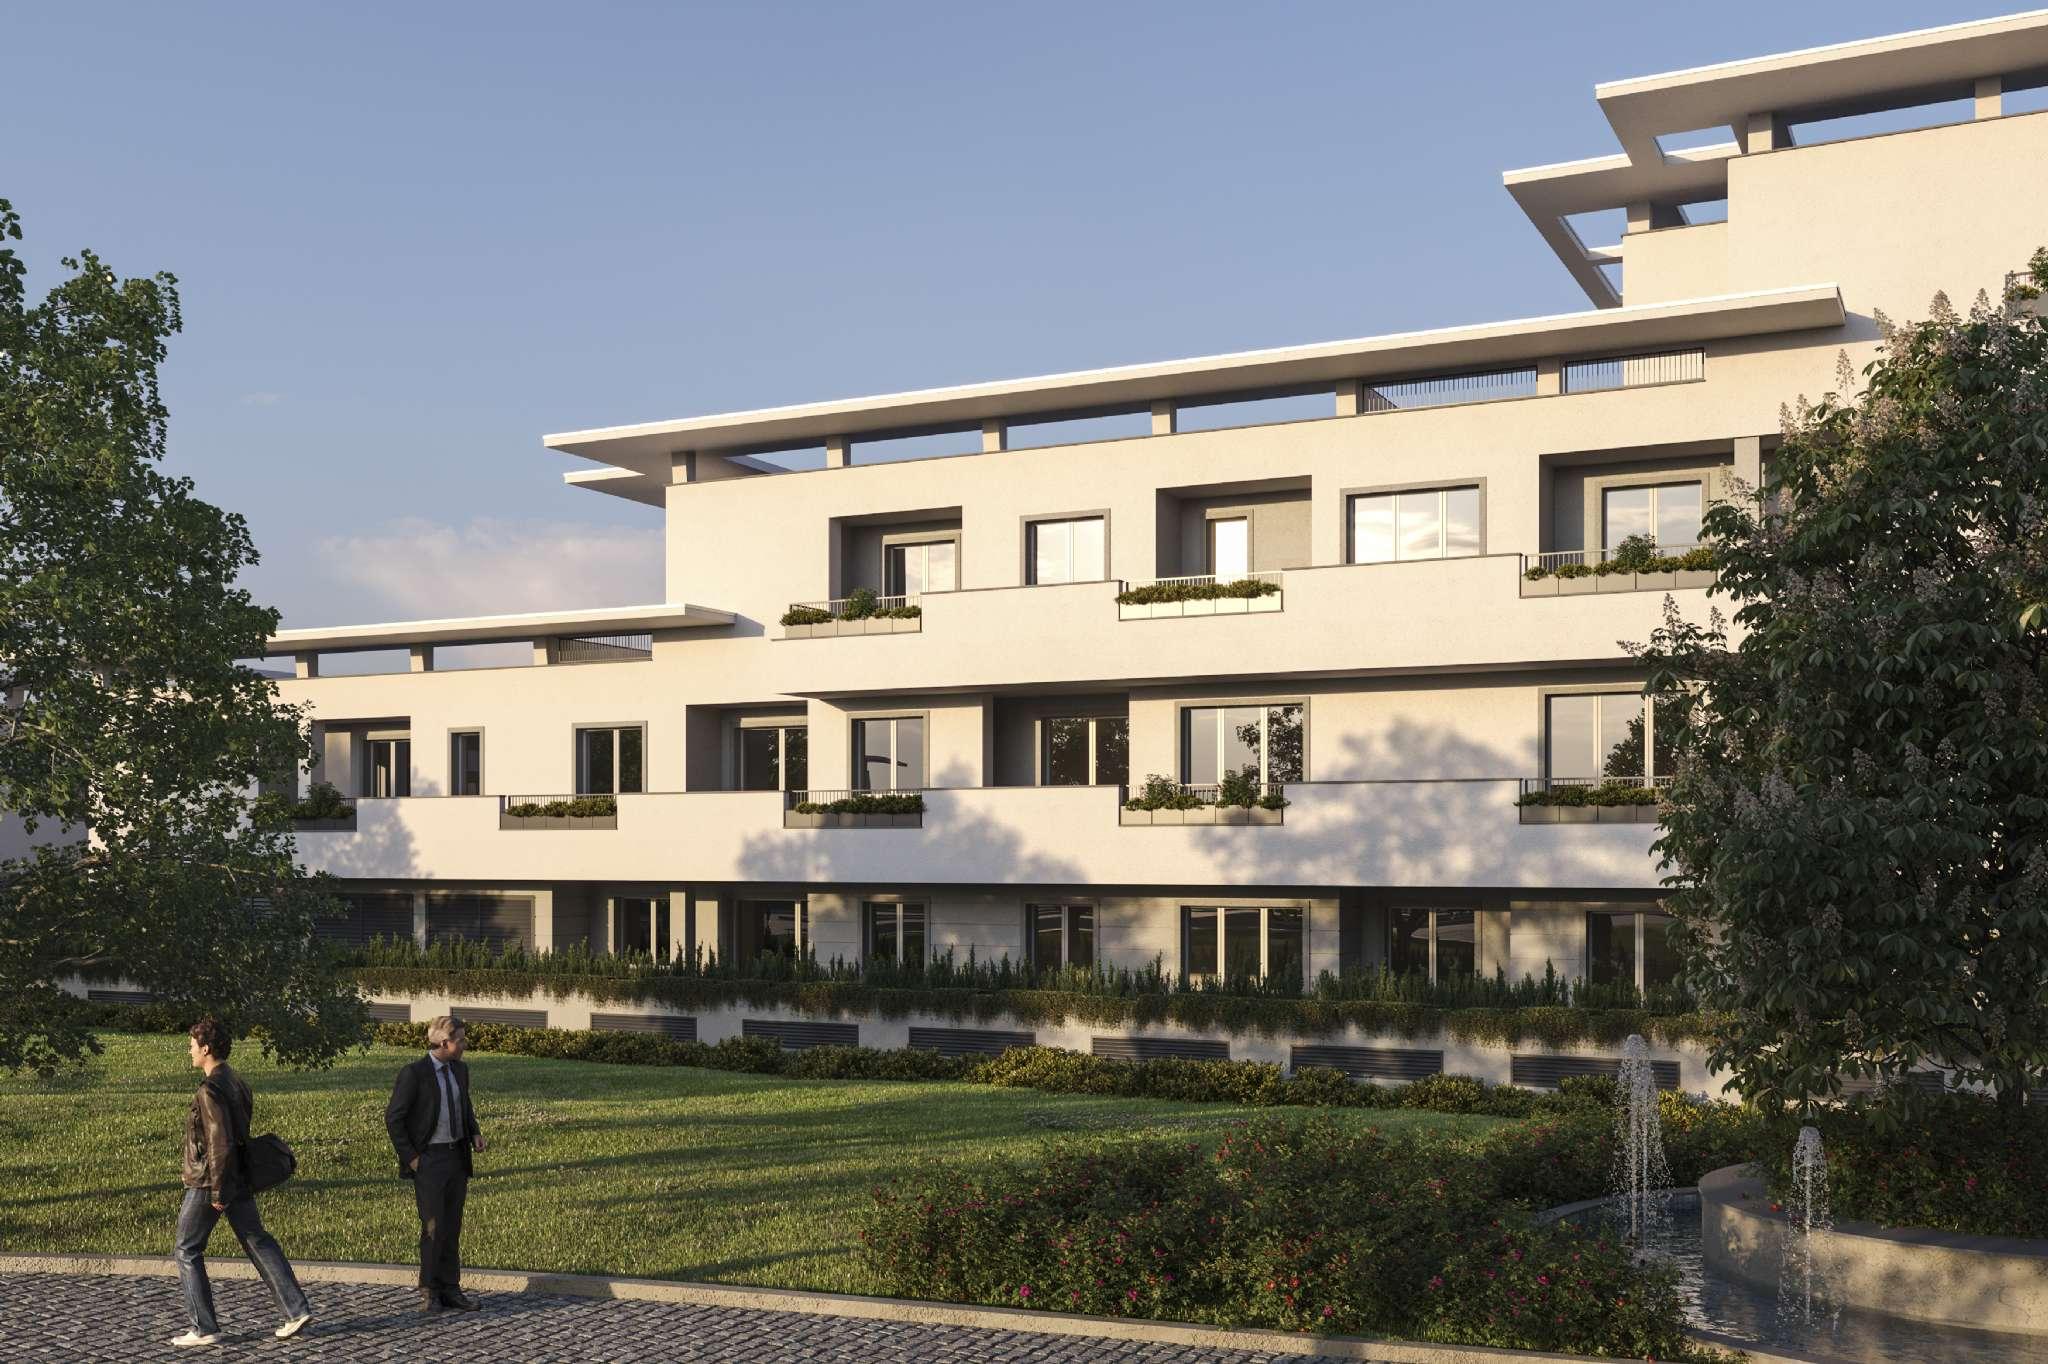 Appartamento in vendita a Somma Lombardo, 3 locali, prezzo € 140.000   PortaleAgenzieImmobiliari.it